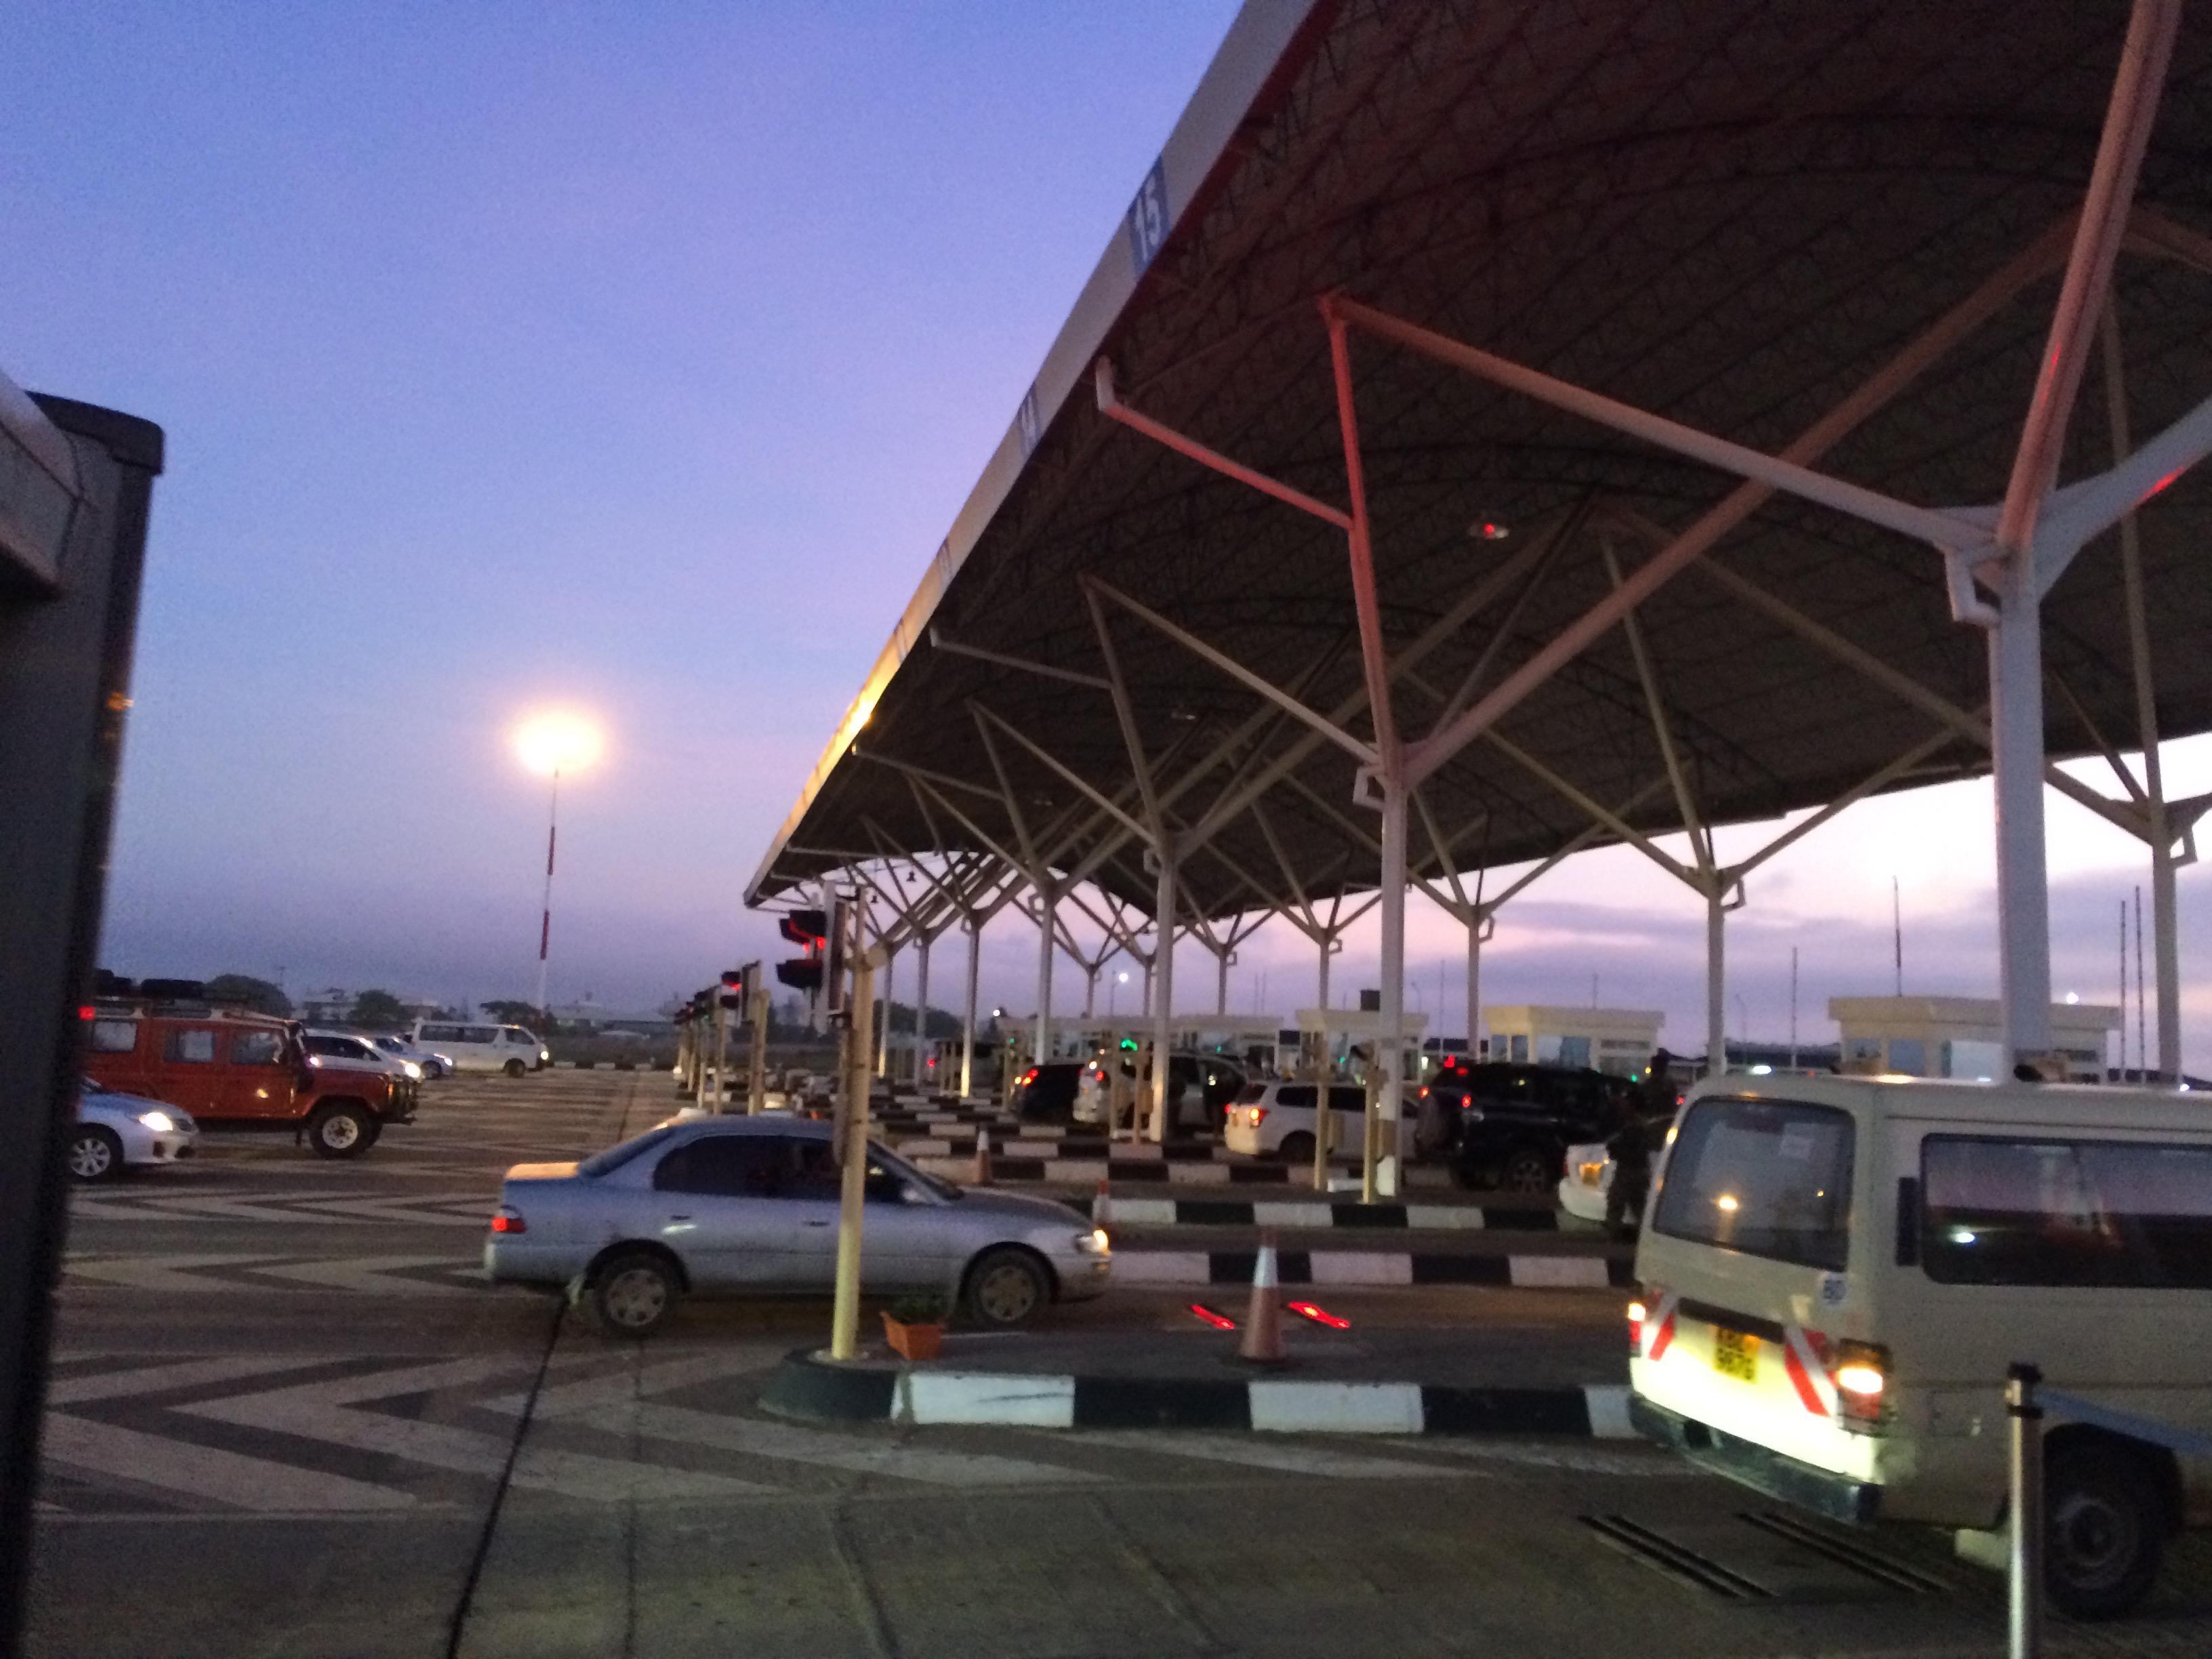 controle des véhicules et personnes à l'entrée de la zone aéroportuaire de Nairobi